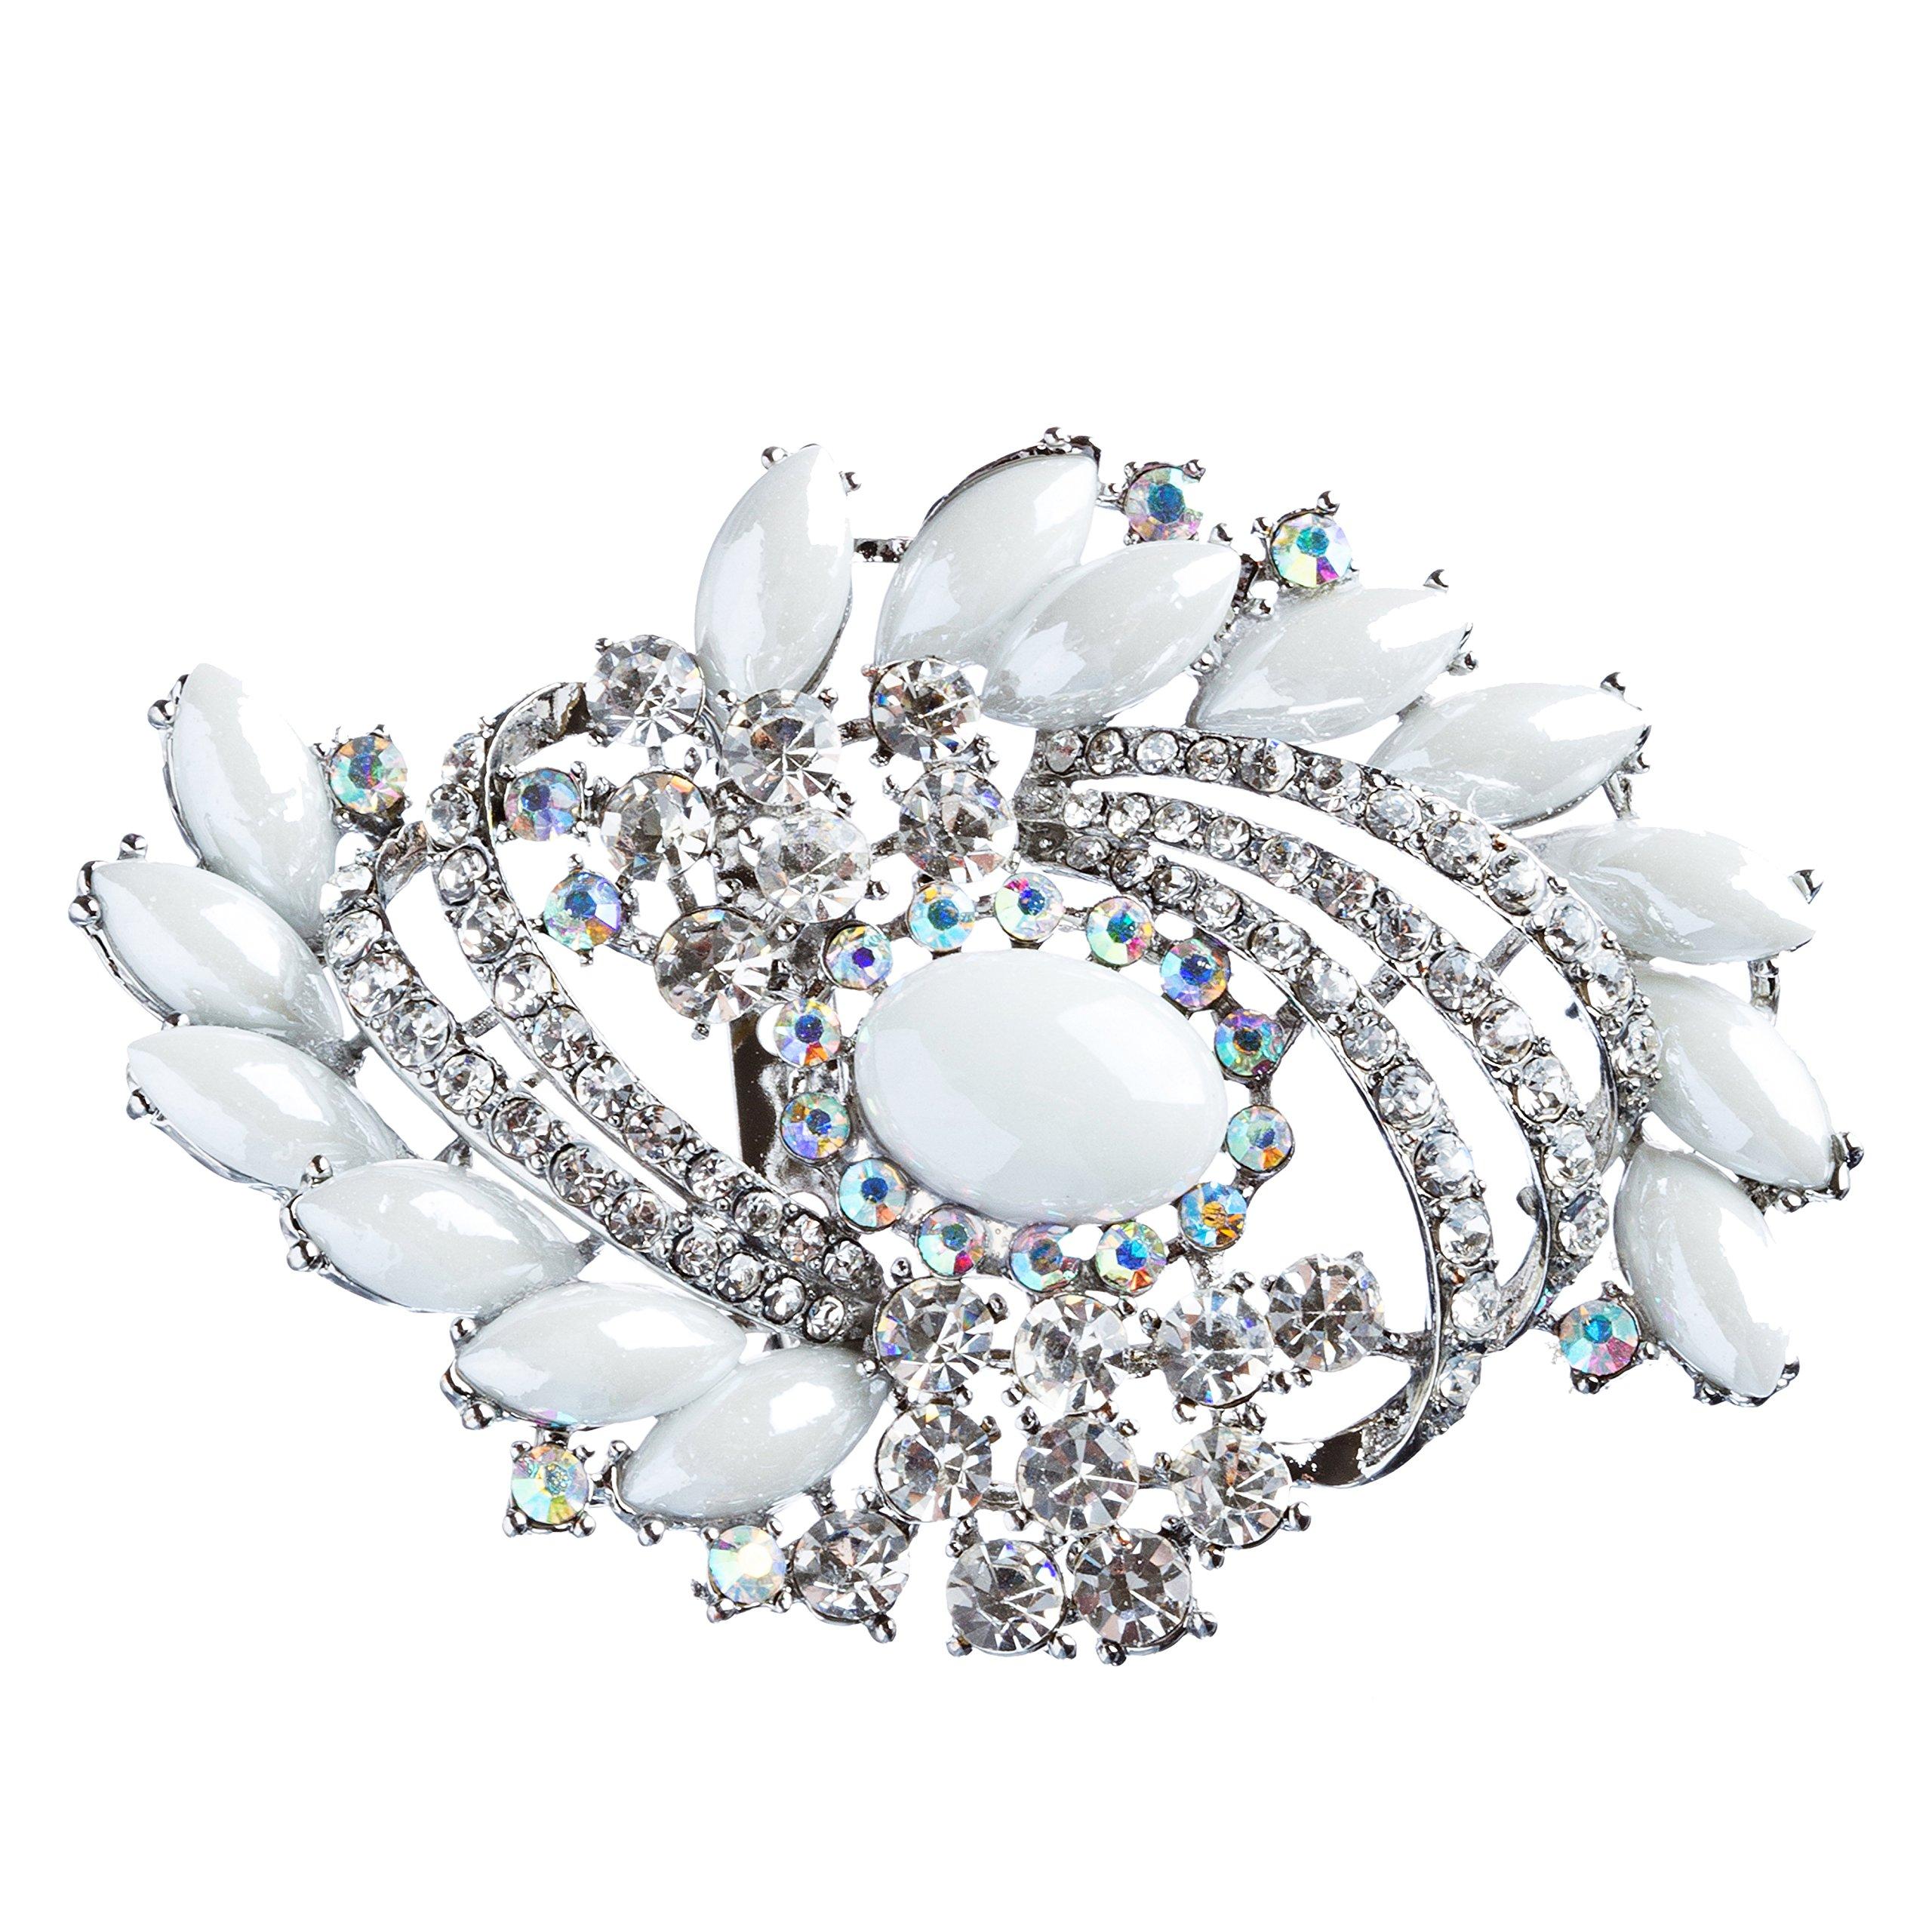 ACCESSORIESFOREVER Women Bridal Wedding Jewelry Crystal Rhinestone Classy Brooch Pin BH176 Silver